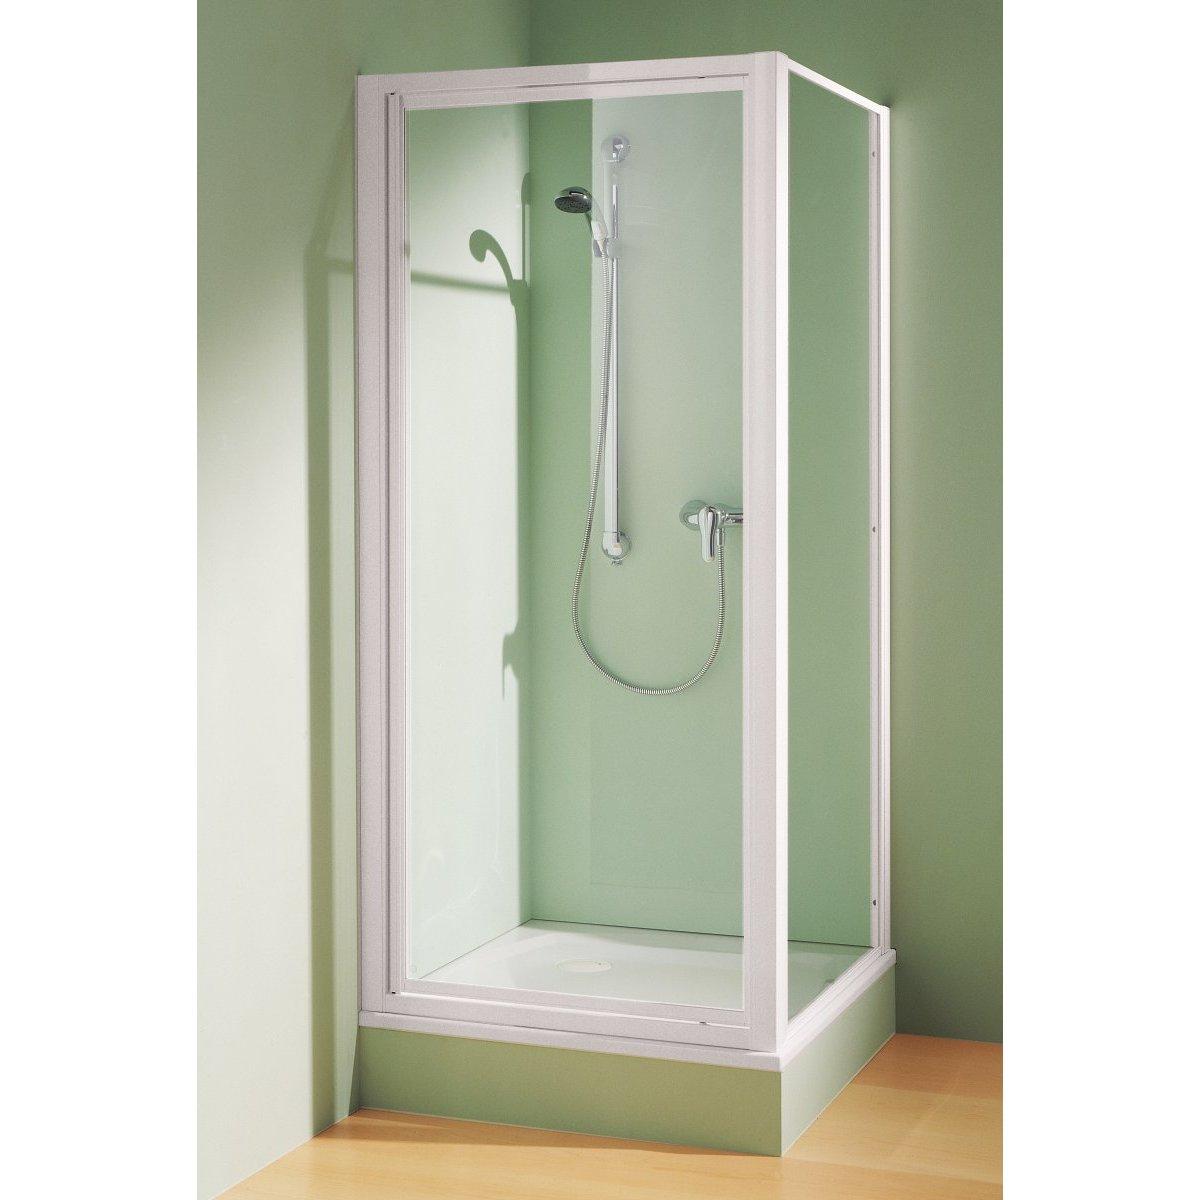 paroi fixe pour montage avec une porte cada rothalux tourlaville 50110 d stockage habitat. Black Bedroom Furniture Sets. Home Design Ideas